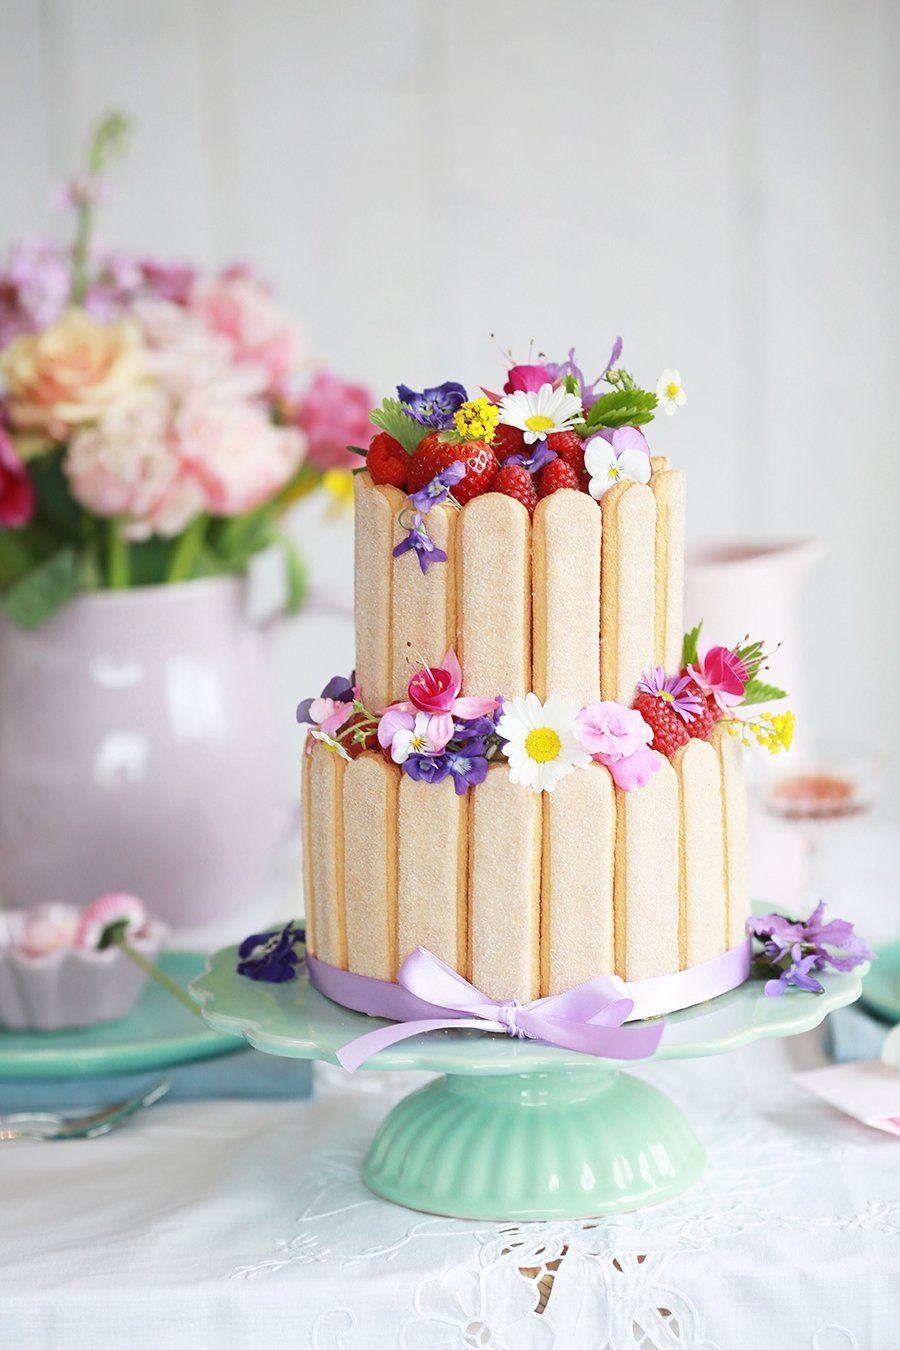 Blumiger Tortenzauber  CAKES  SWEETS  Hochzeitstorte blumen Hochzeitstorte frchte